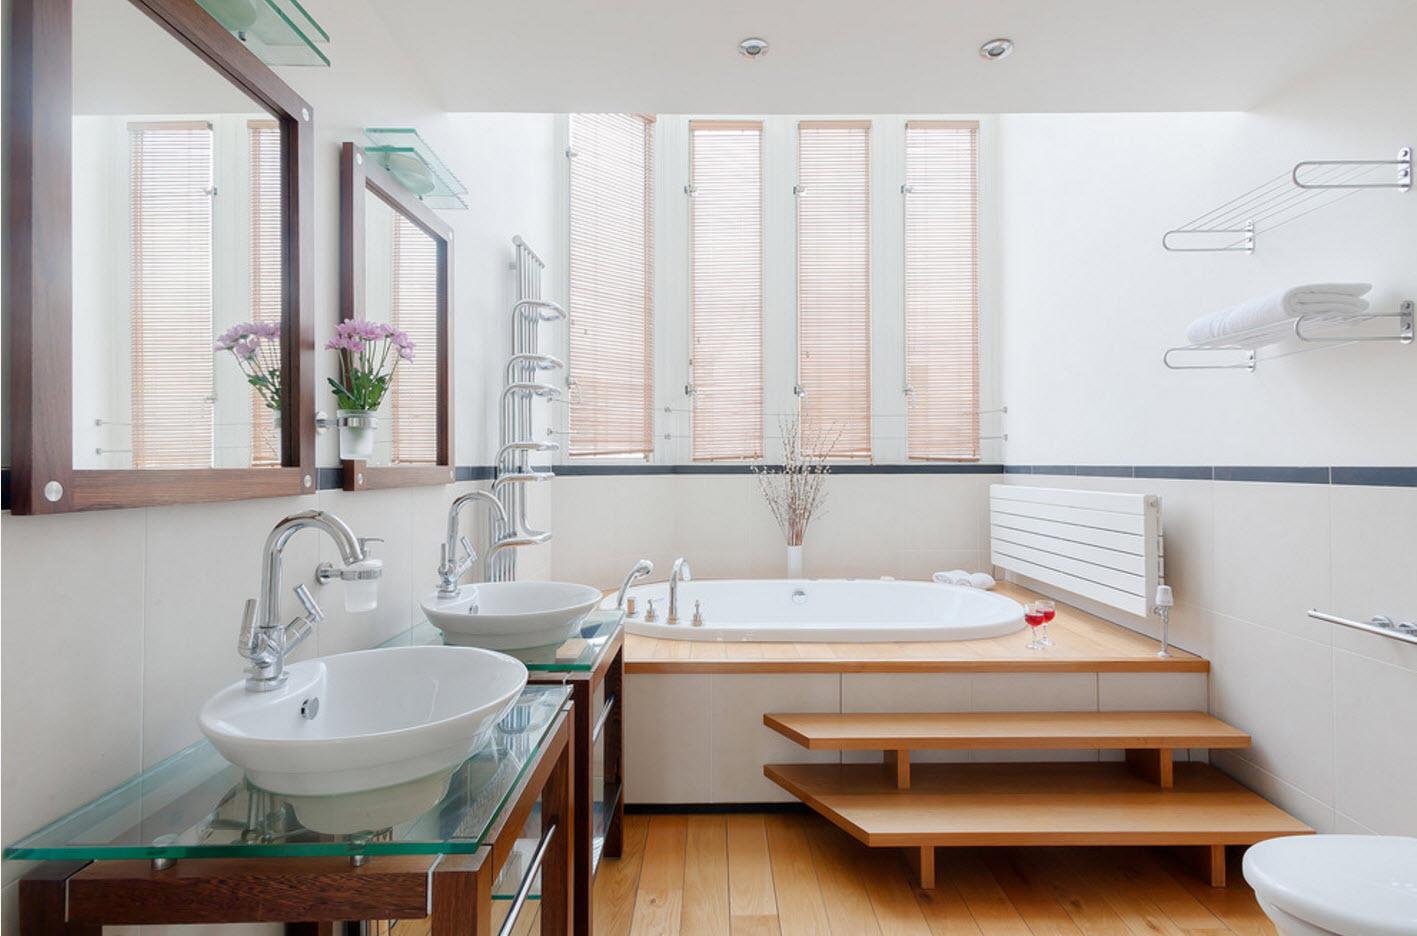 miroirs et étagères dans la salle de bain